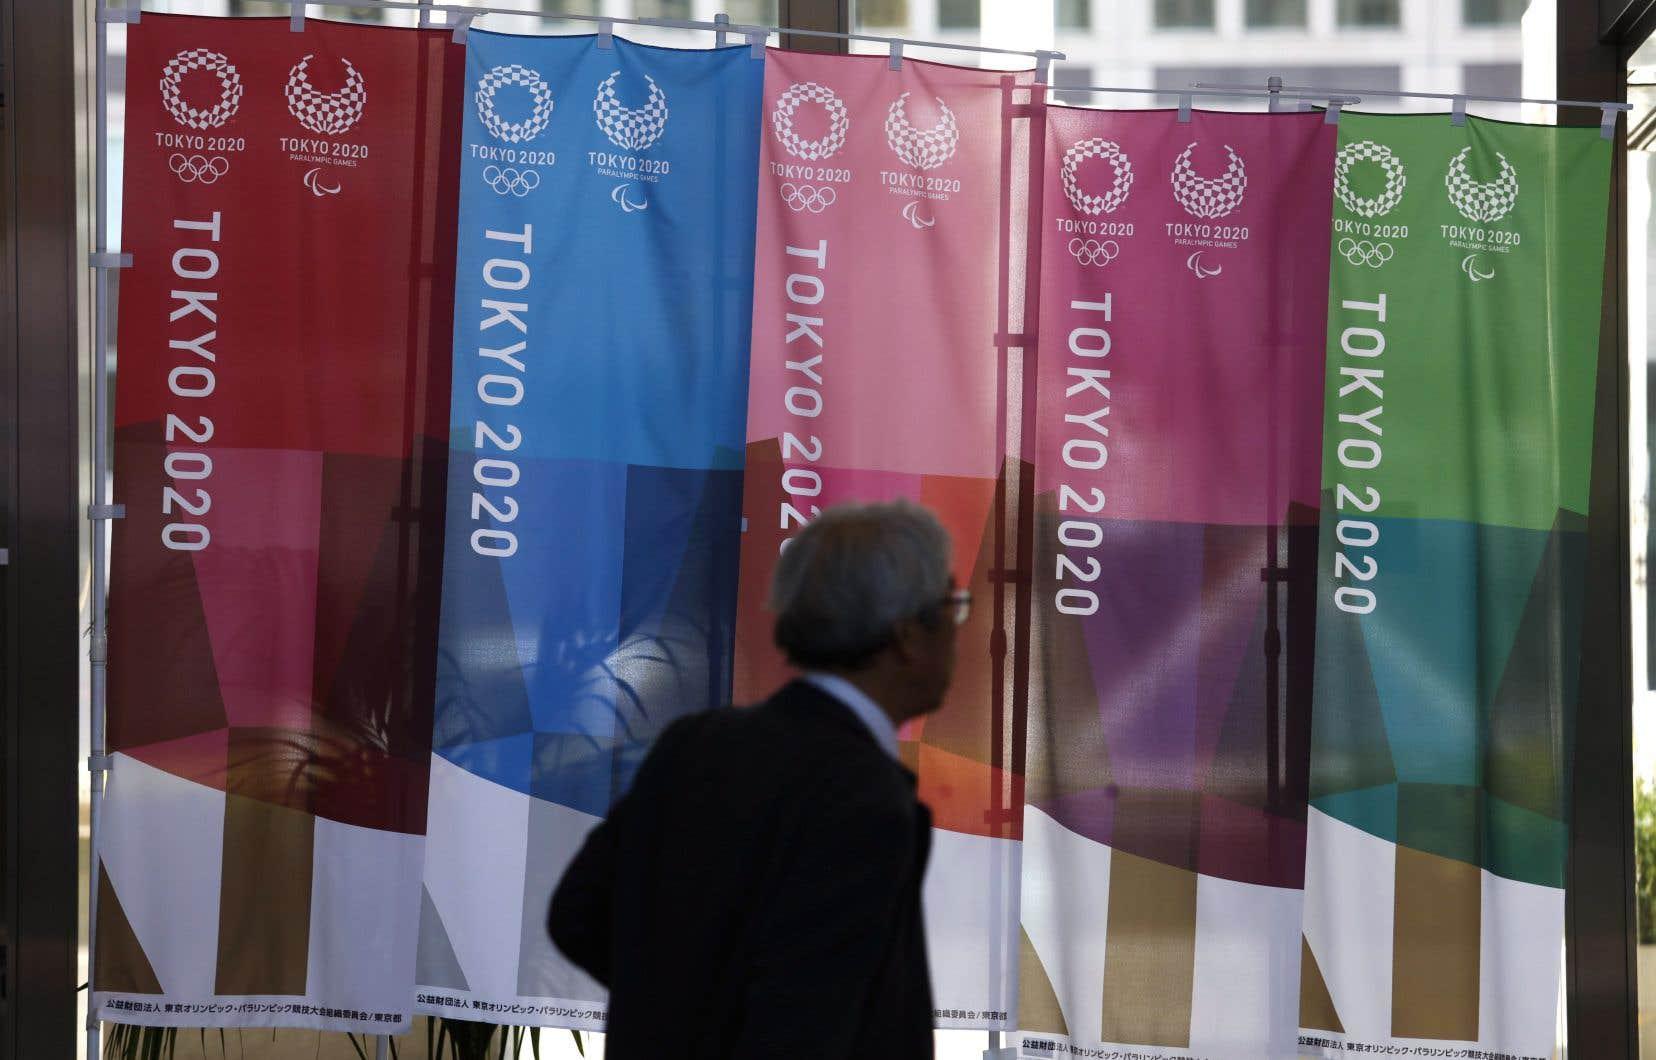 L'Organisation internationale de la Francophonie a signé jeudi un accord avec les organisateurs pour que le français soit plus vu et entendu dans le cadre des JO de Tokyo.